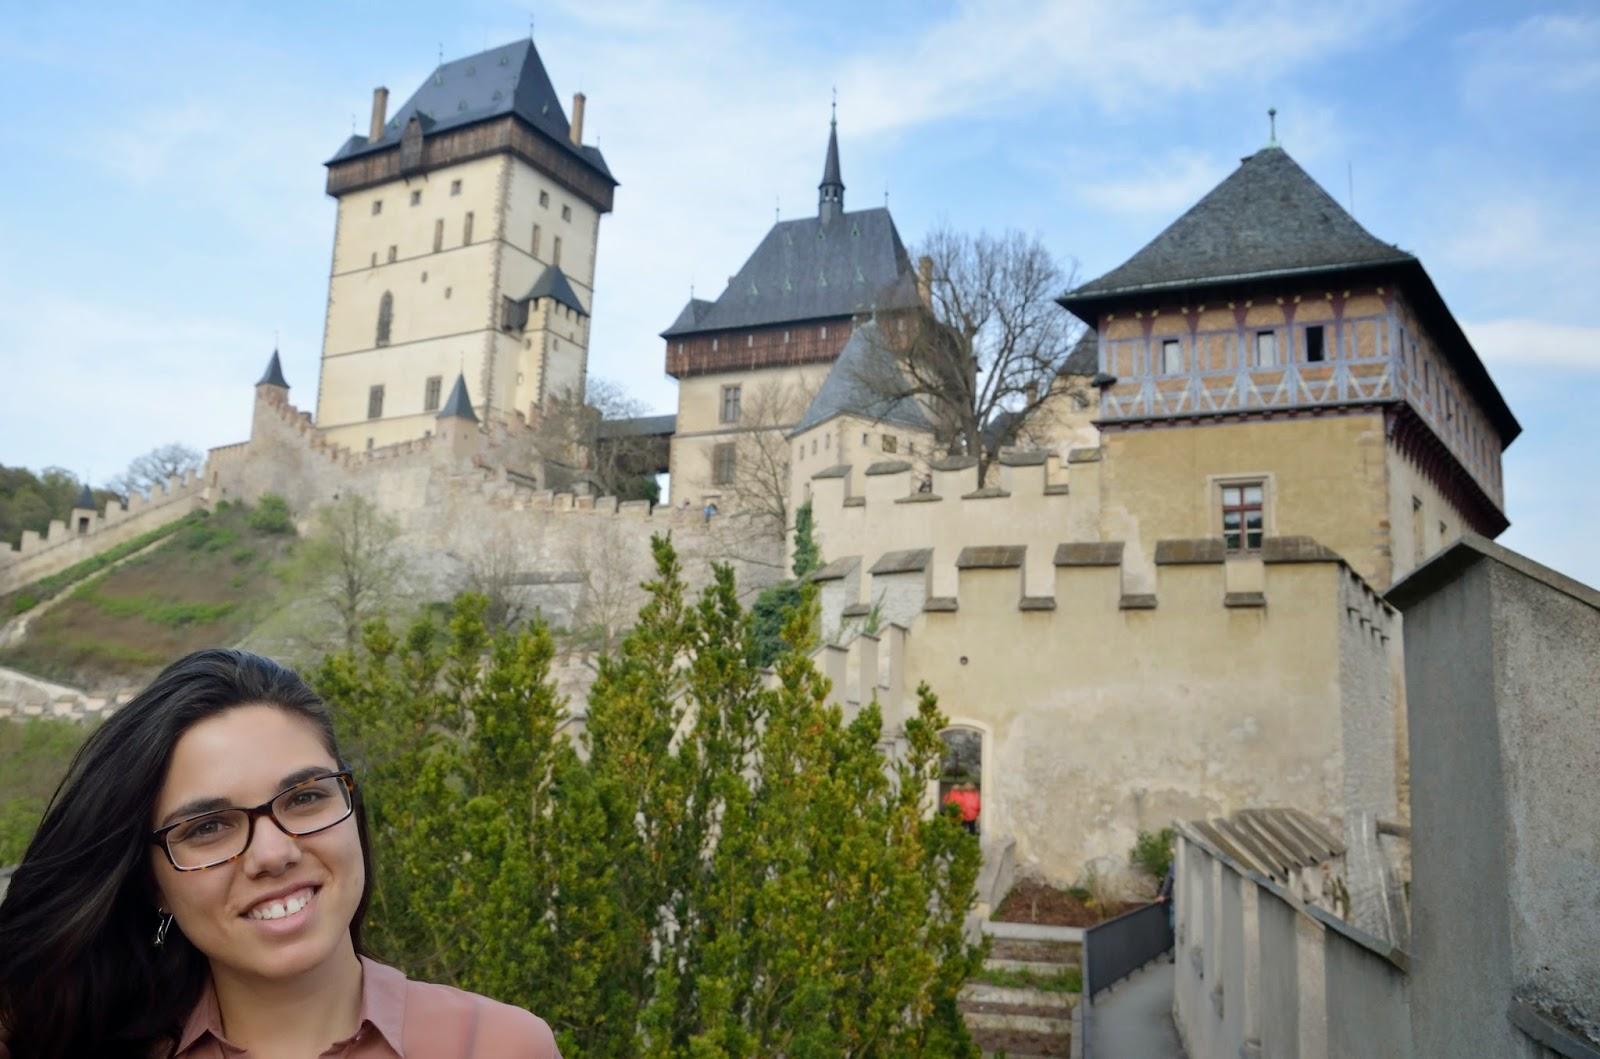 Una princesa en el castillo